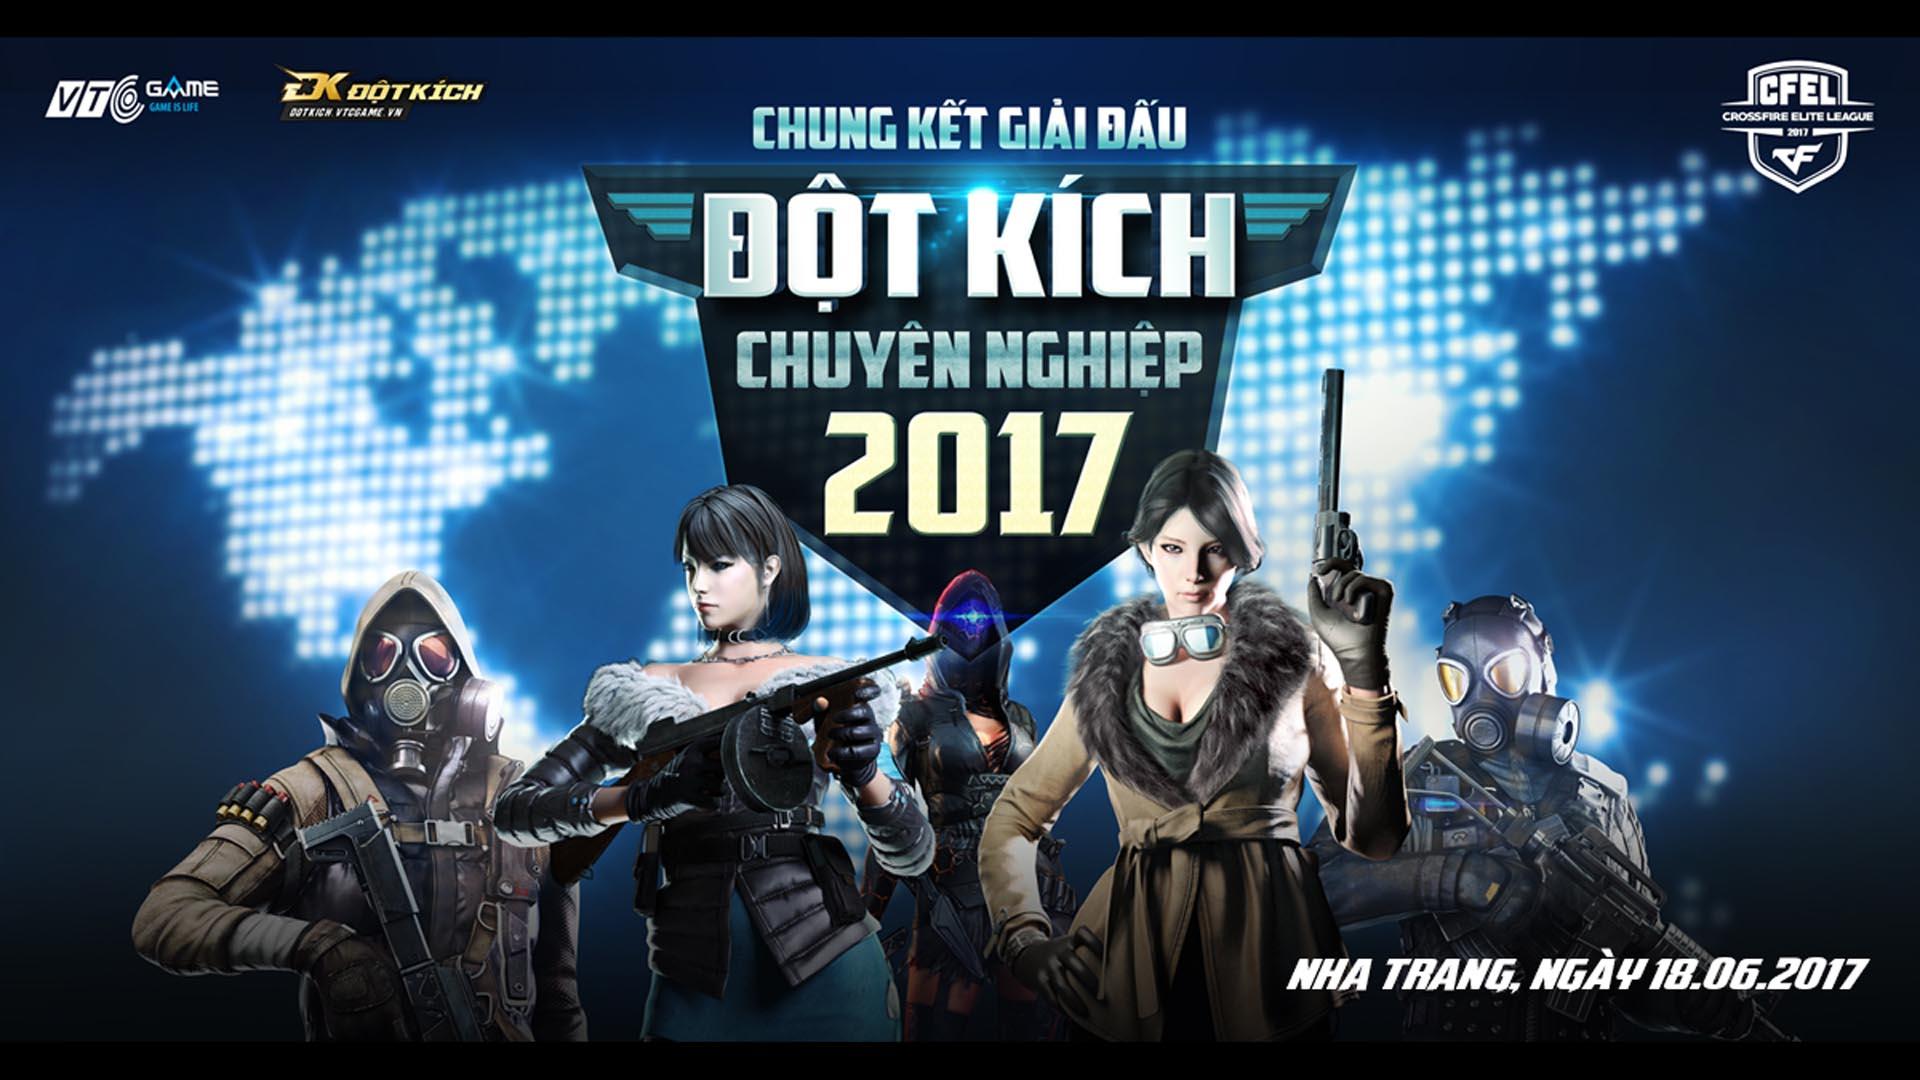 Đưa Esports Việt lên tầm cao mới cùng giải đấu Chuyên nghiệp Đột kích CFEL 2017 - Tin Game